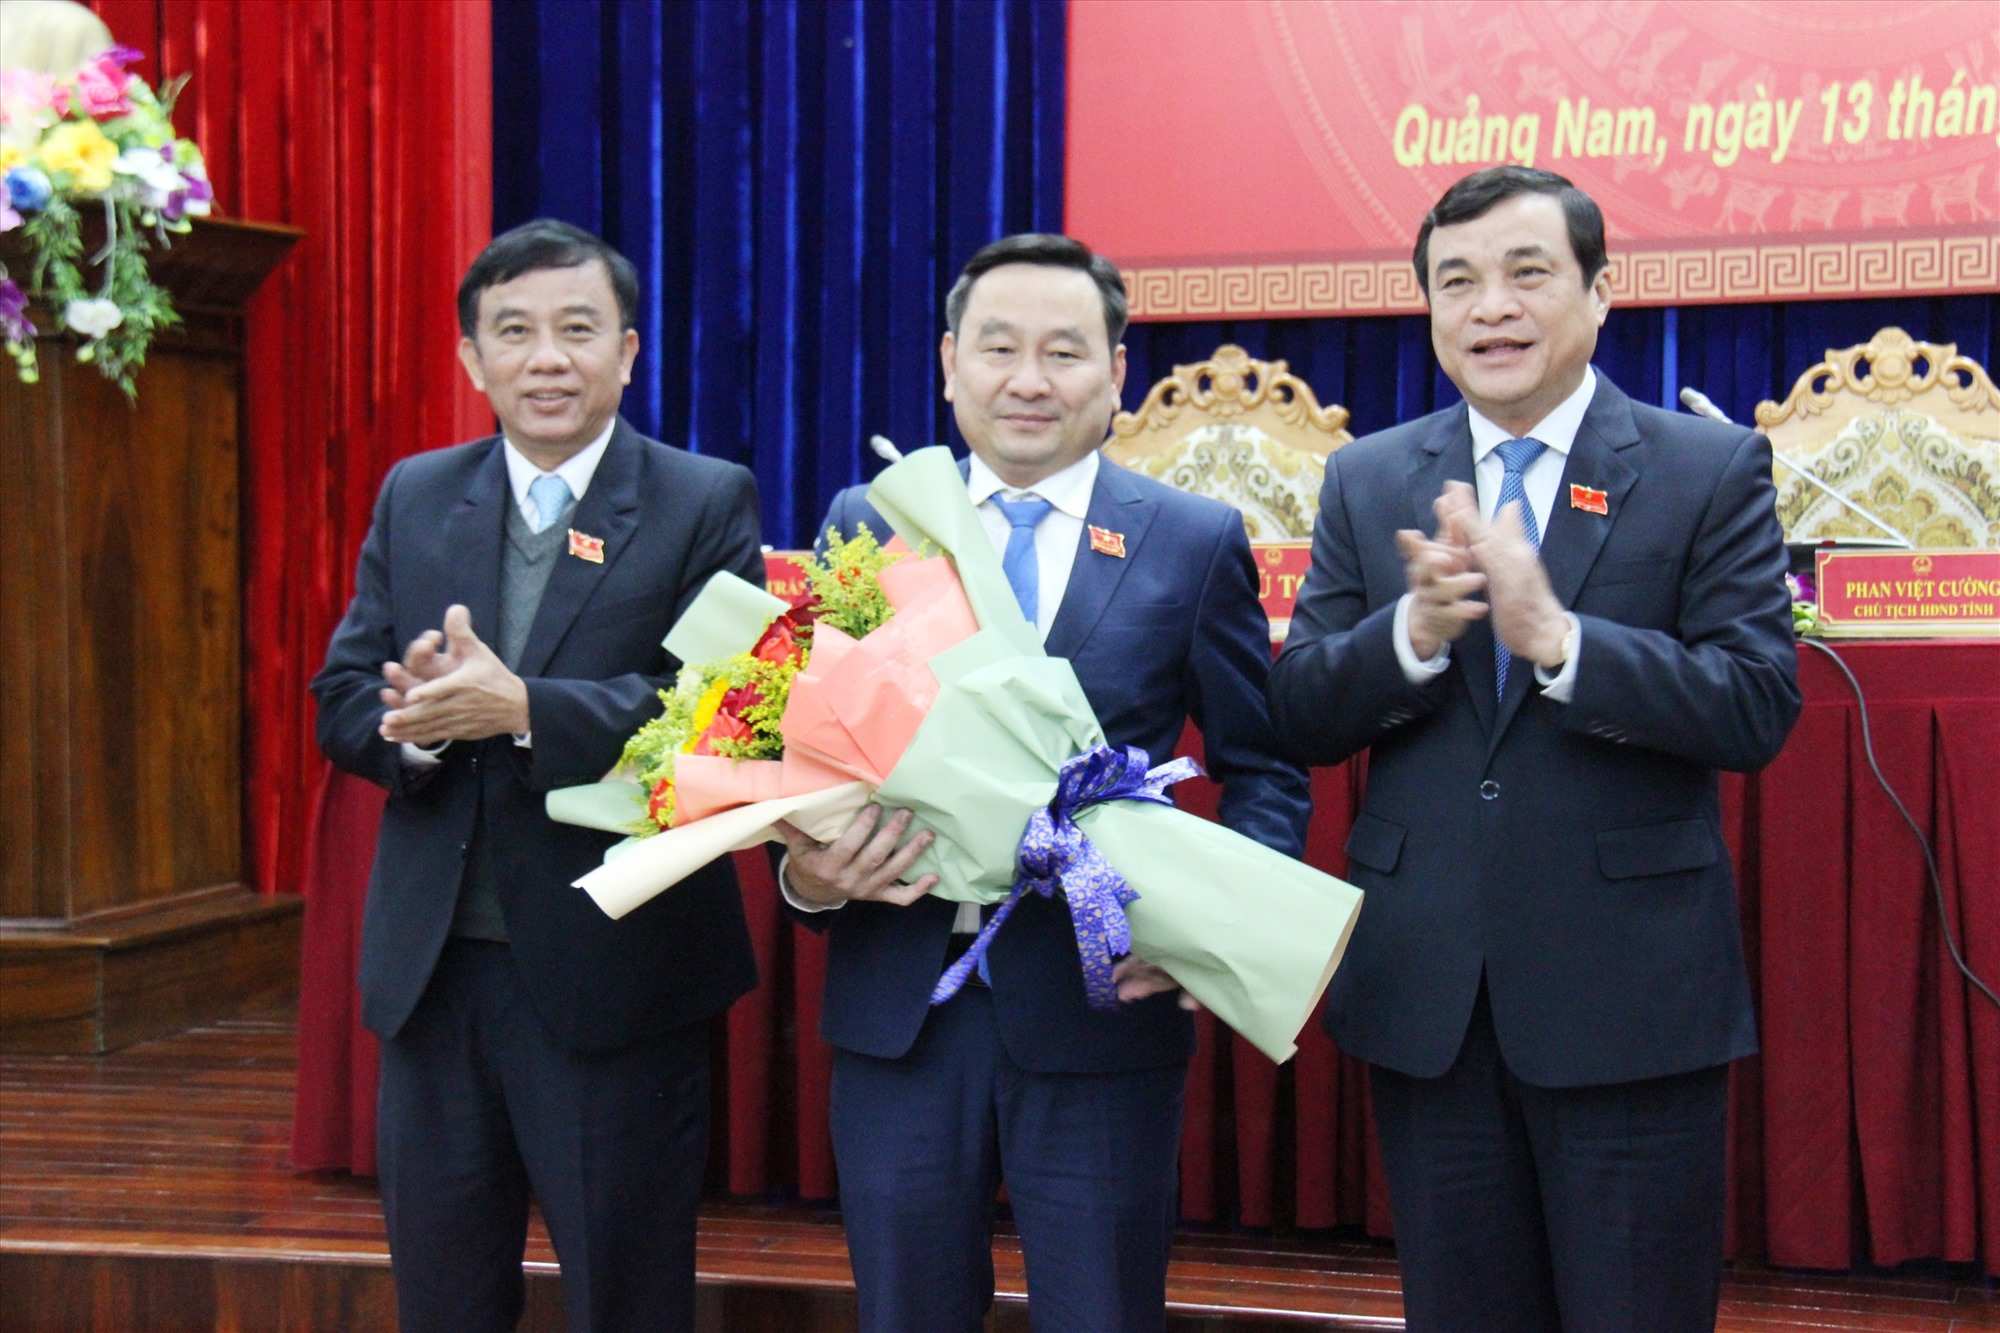 Các đồng chí lãnh đạo tỉnh tặng hoa chúc mừng ông Nguyễn Công Thanh được bầu vào chức danh Phó Chủ tịch HĐND tỉnh (khóa IX). Ảnh: N.Đ